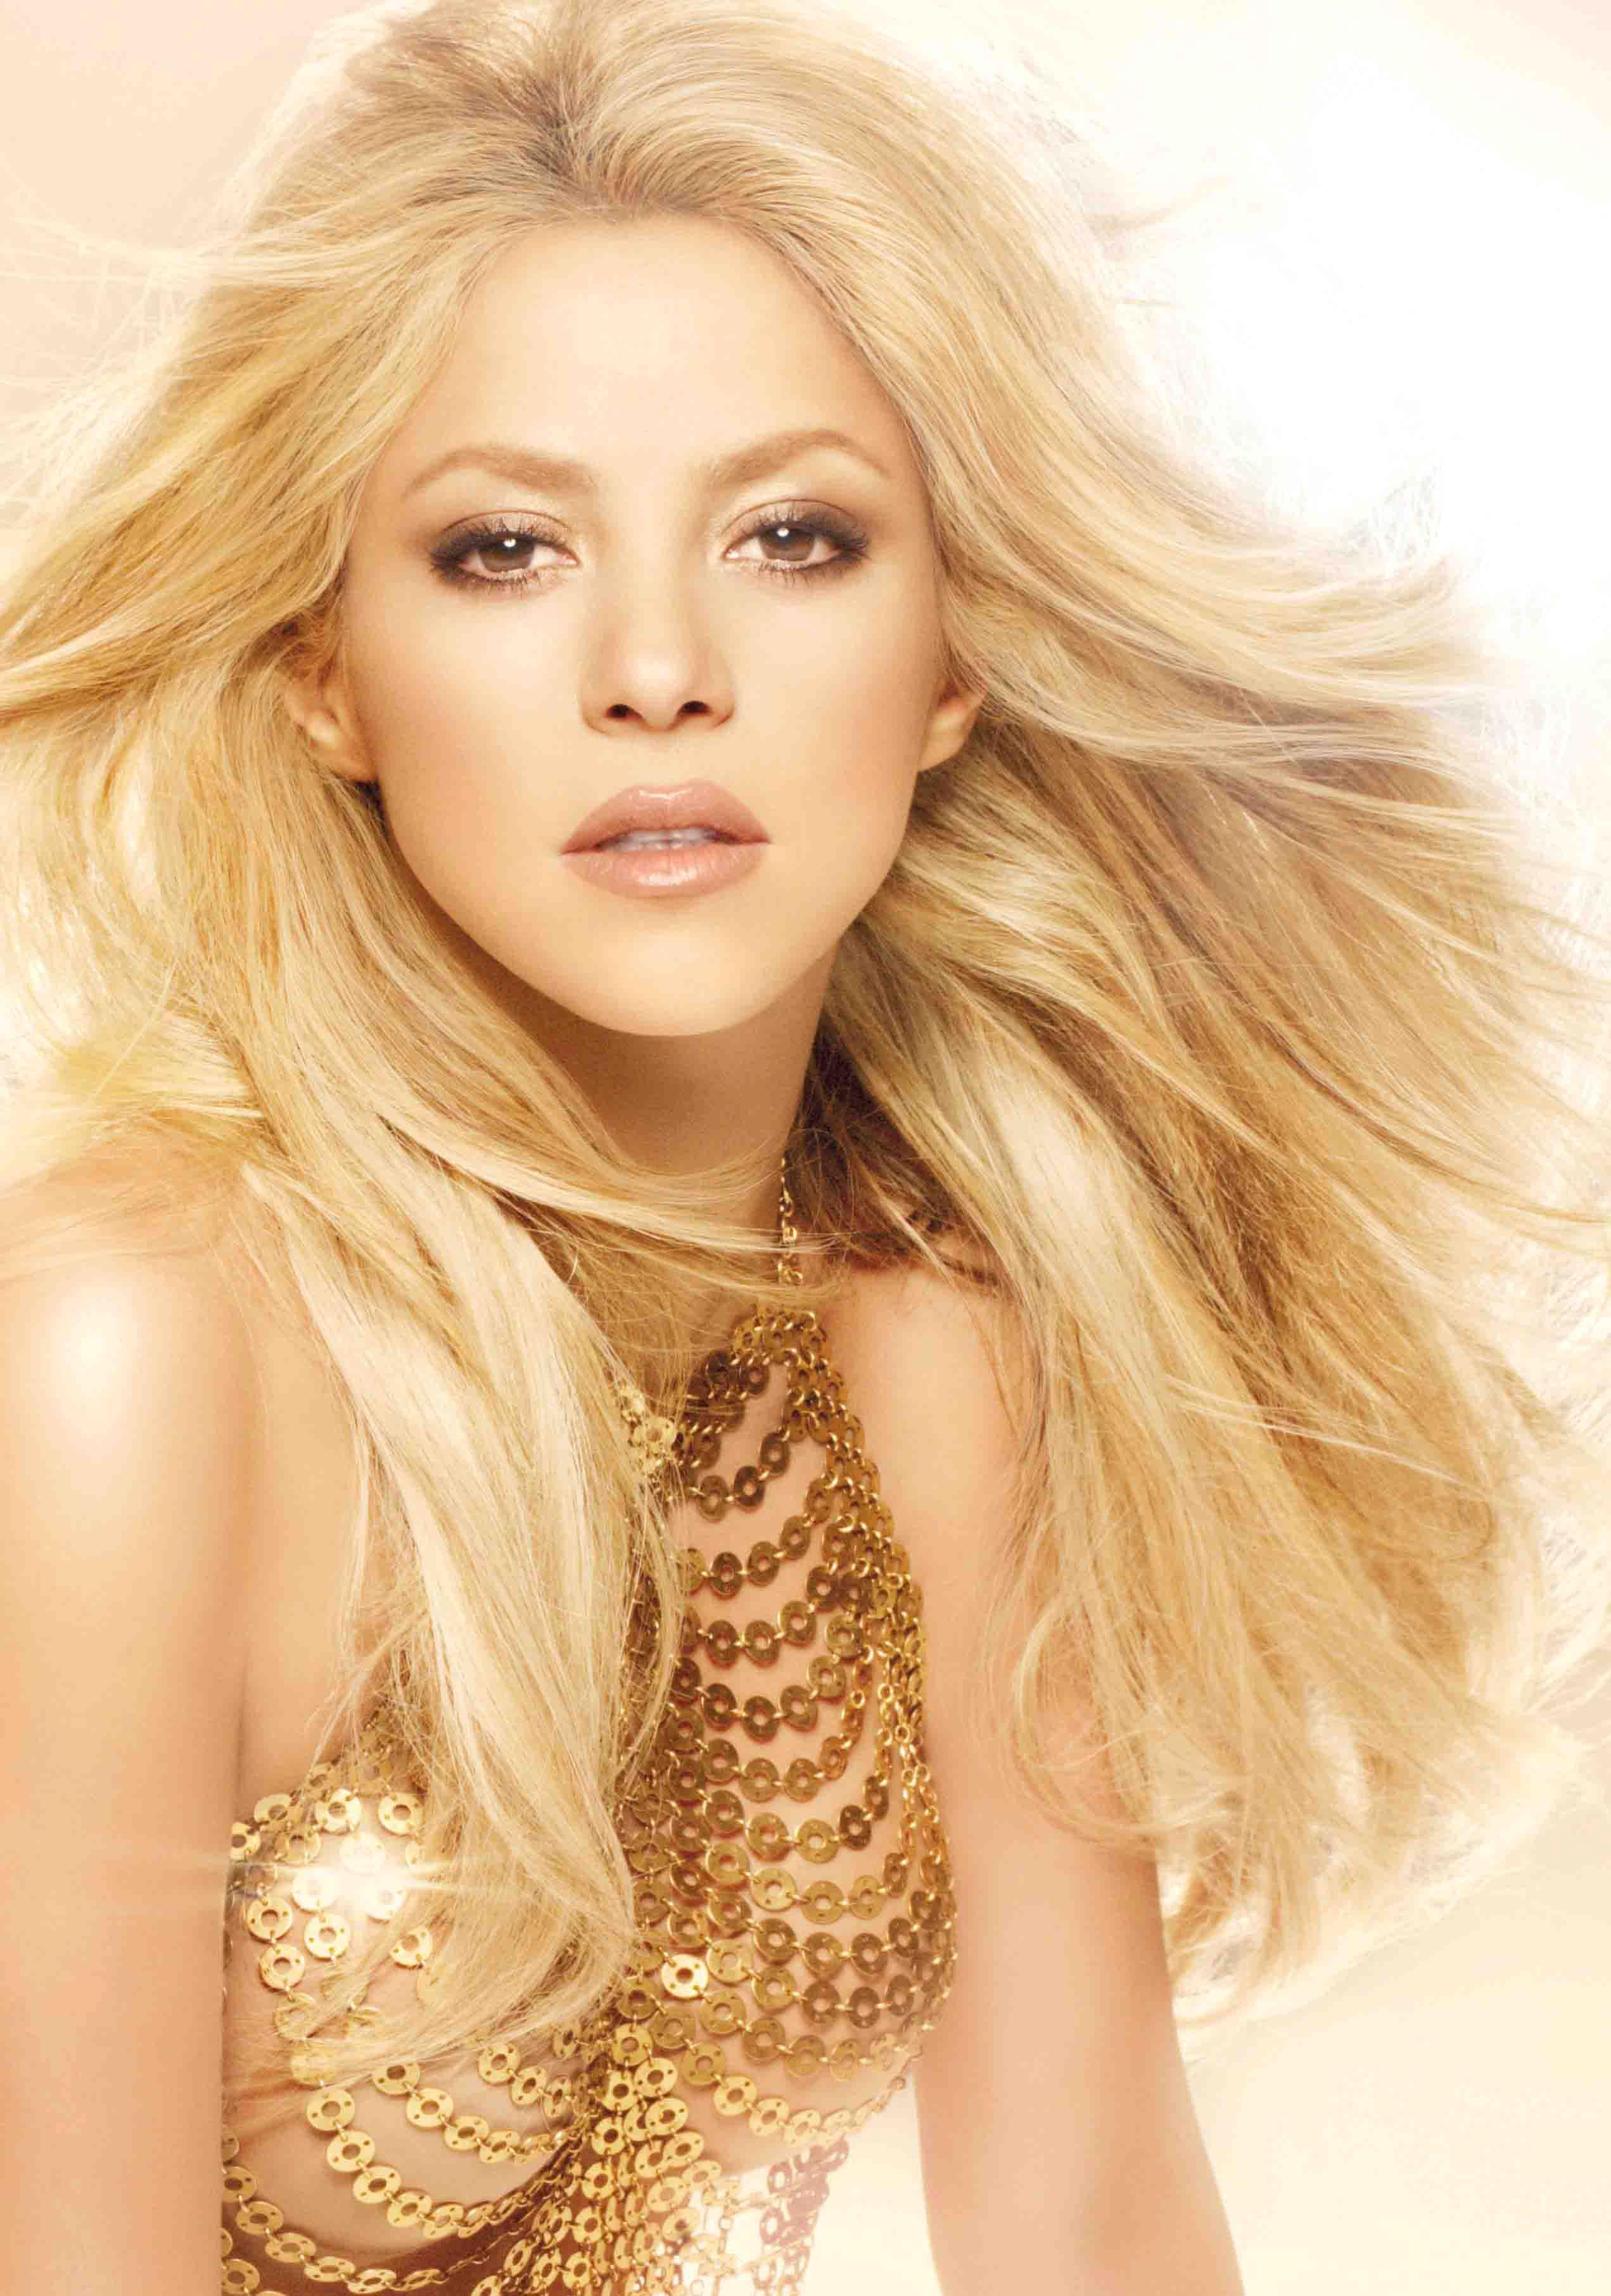 Fake Shakira Images | FemaleCelebrity Shakira